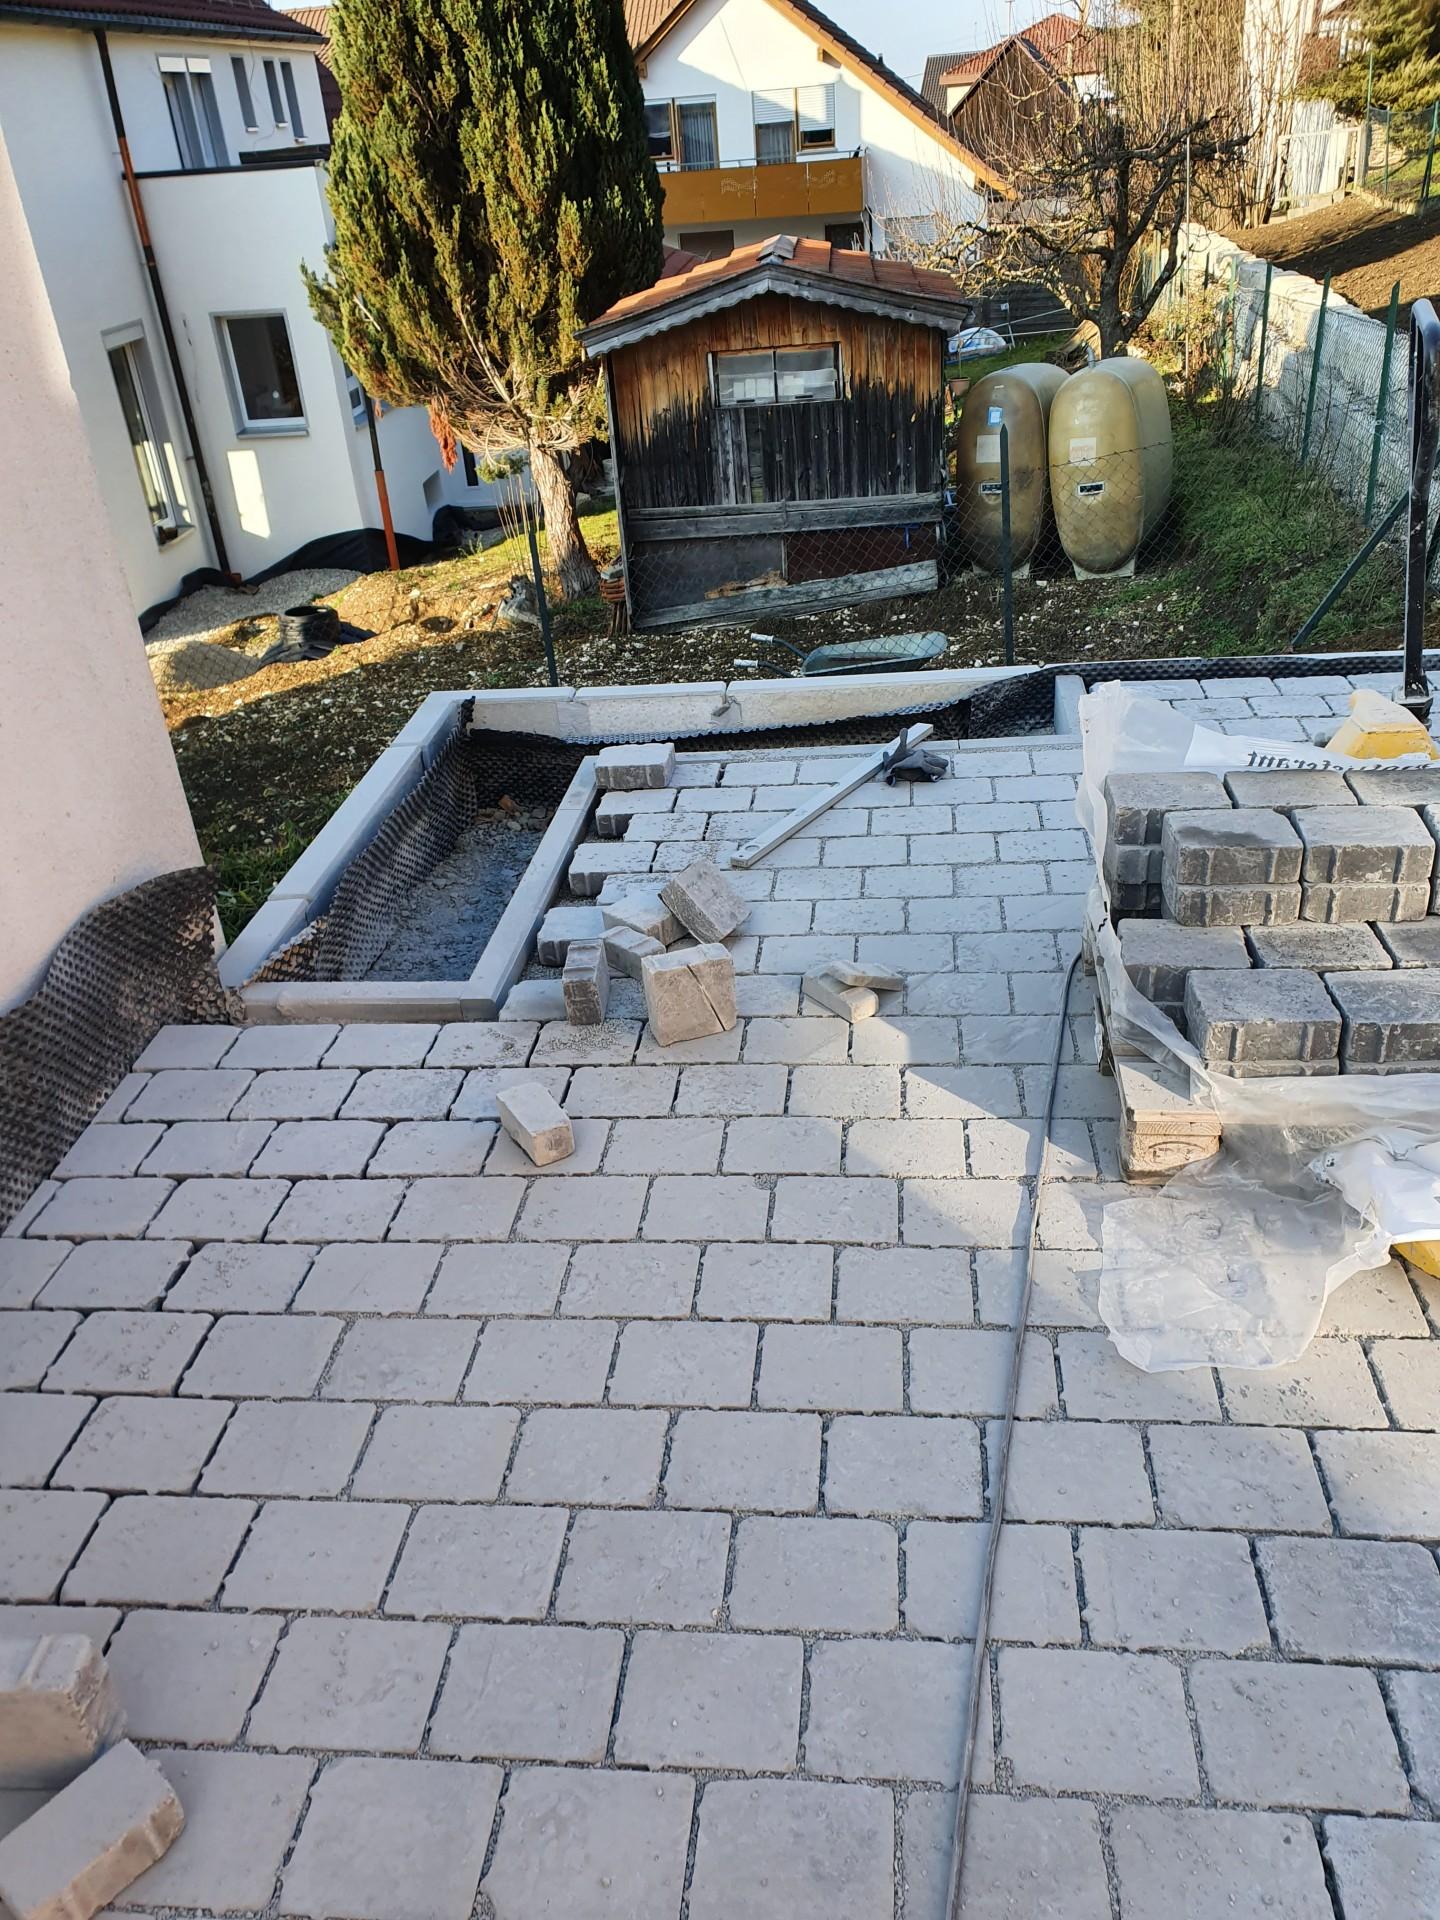 https://www.jentz-bau.de/media/pages/projekte/wagner-neubau/2142239751-1605622445/20200121_141323.jpg